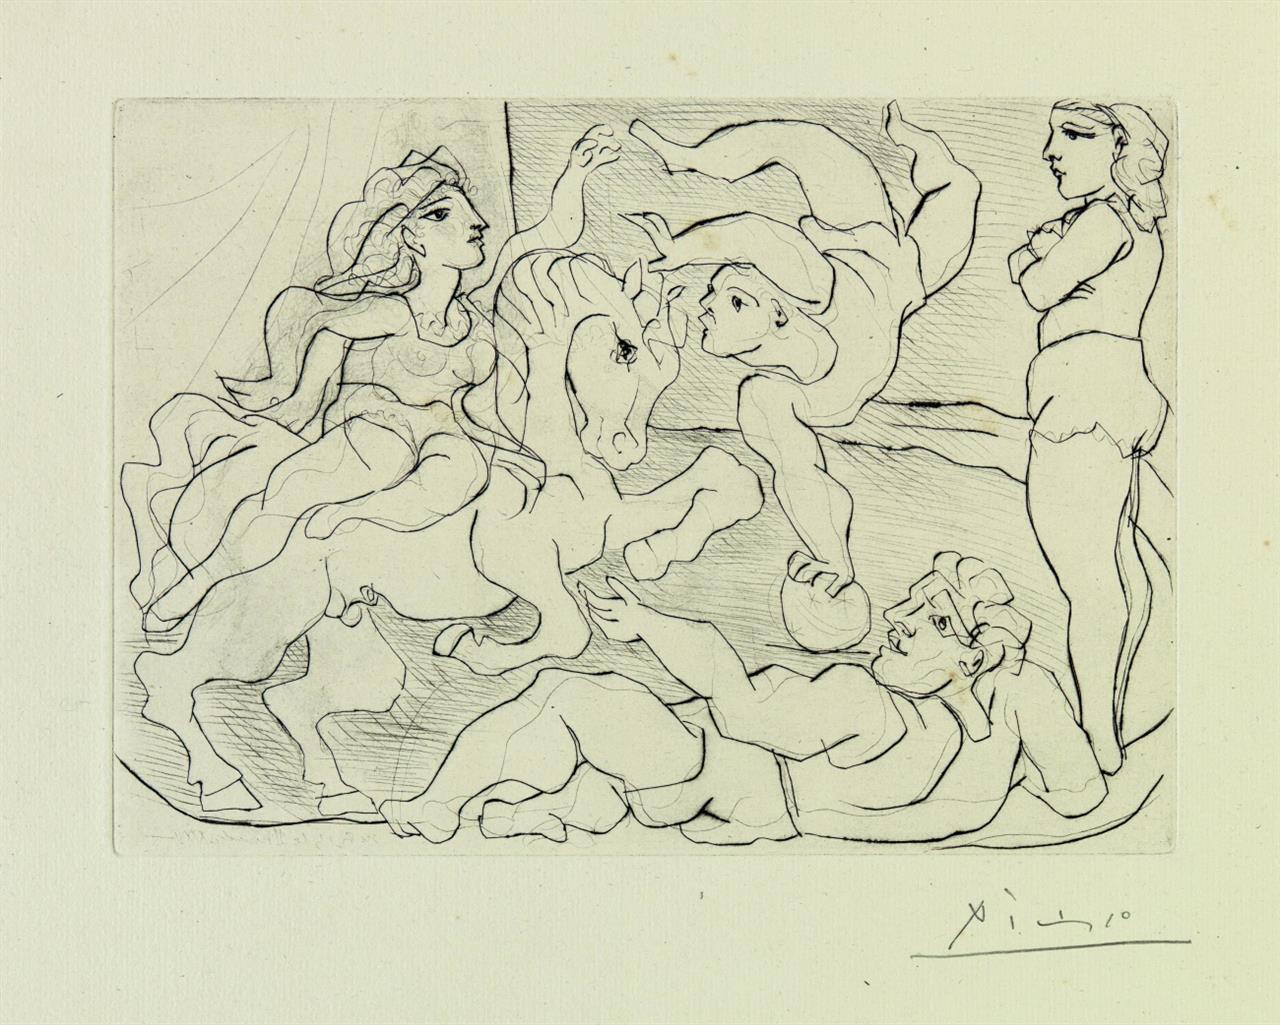 Pablo Picasso. Le Cirque. Répétition. Radierung aus Suite Vollard. Signiert. Eines von 260 Ex. Geiser/Baer 385 B.d.; Bloch 205.